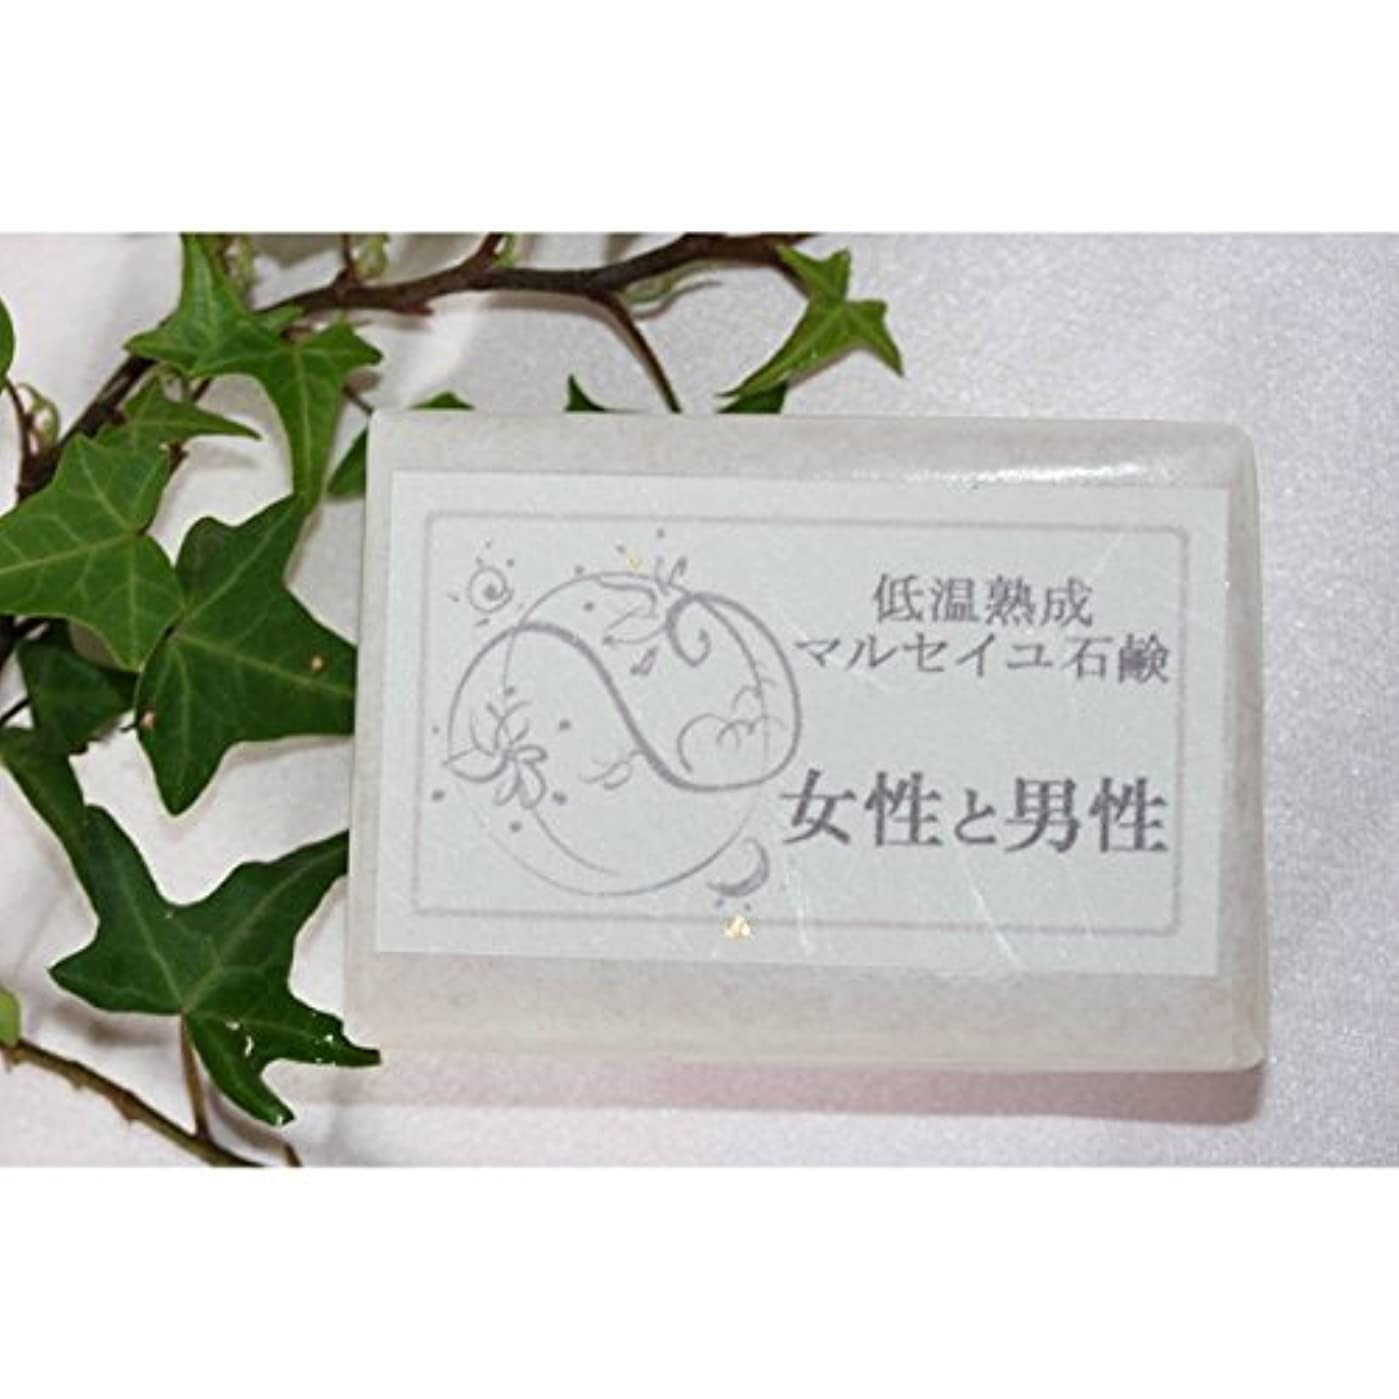 教育する扱う蒸発するマウントフジ フラワーエッセンス 低温熟成 マルセイユ石鹸 女性と男性 (MTFUJI FLOWER ESSENCES)